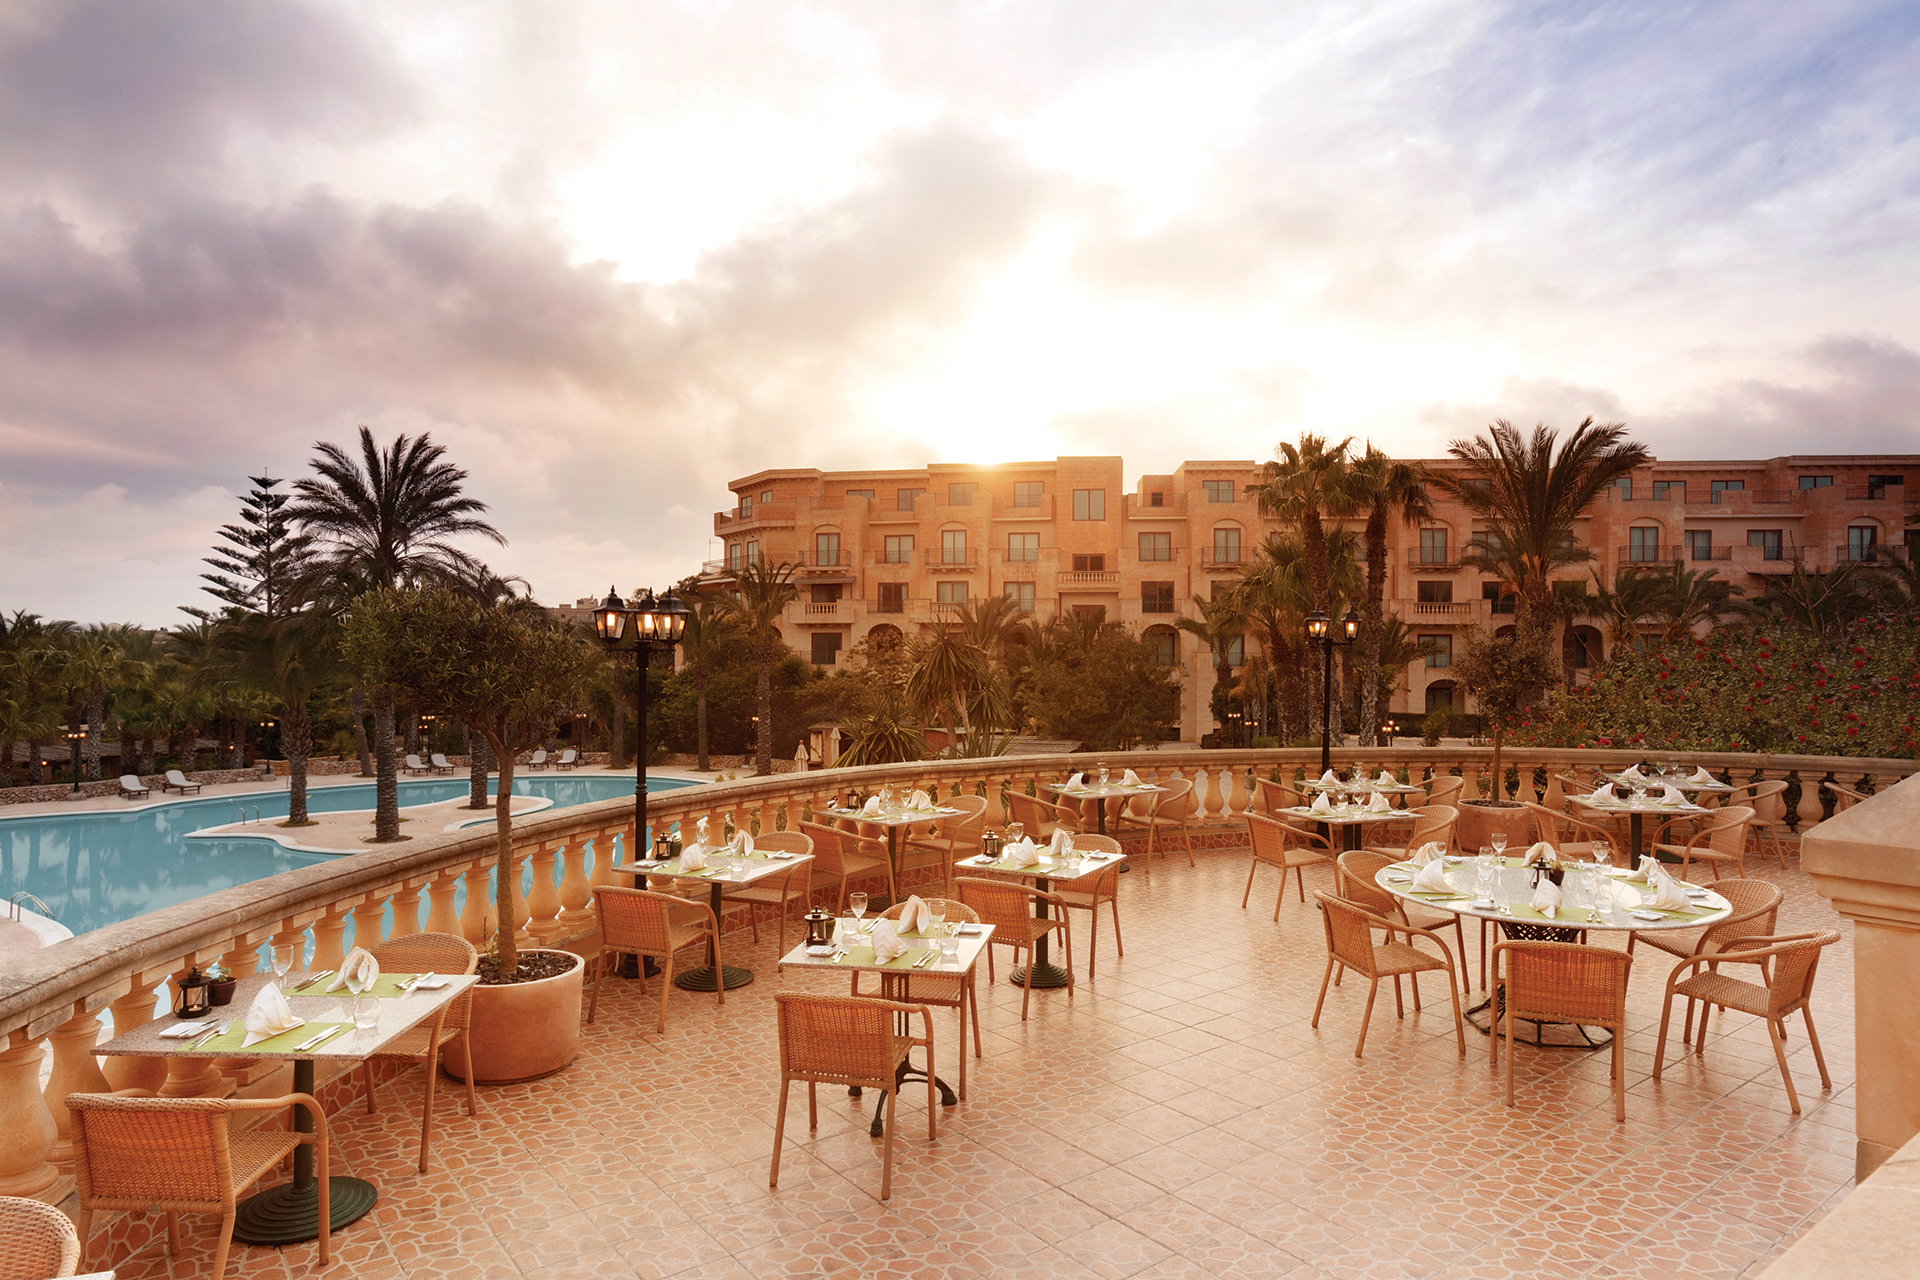 Ortolan-Terrace-Kempinski-Hotel-San-Lawrenz